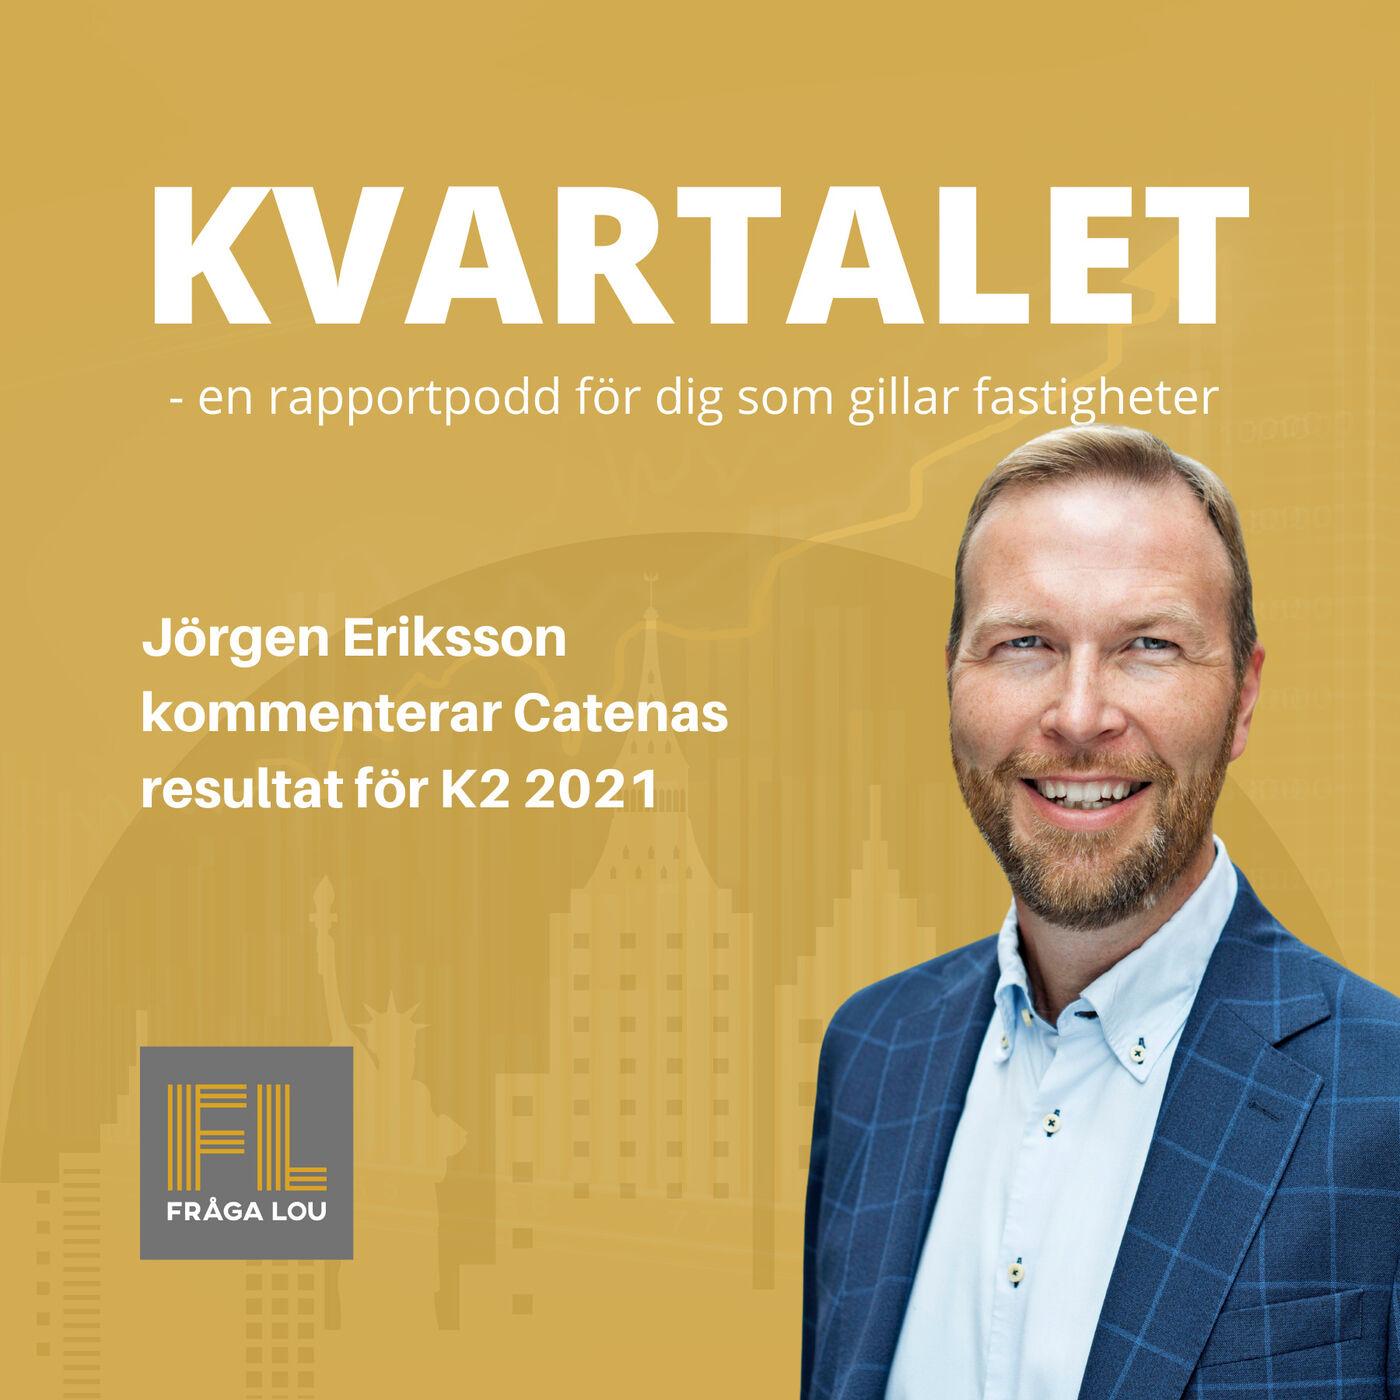 Kvartalet | Jörgen Eriksson om Catenas K2 2021